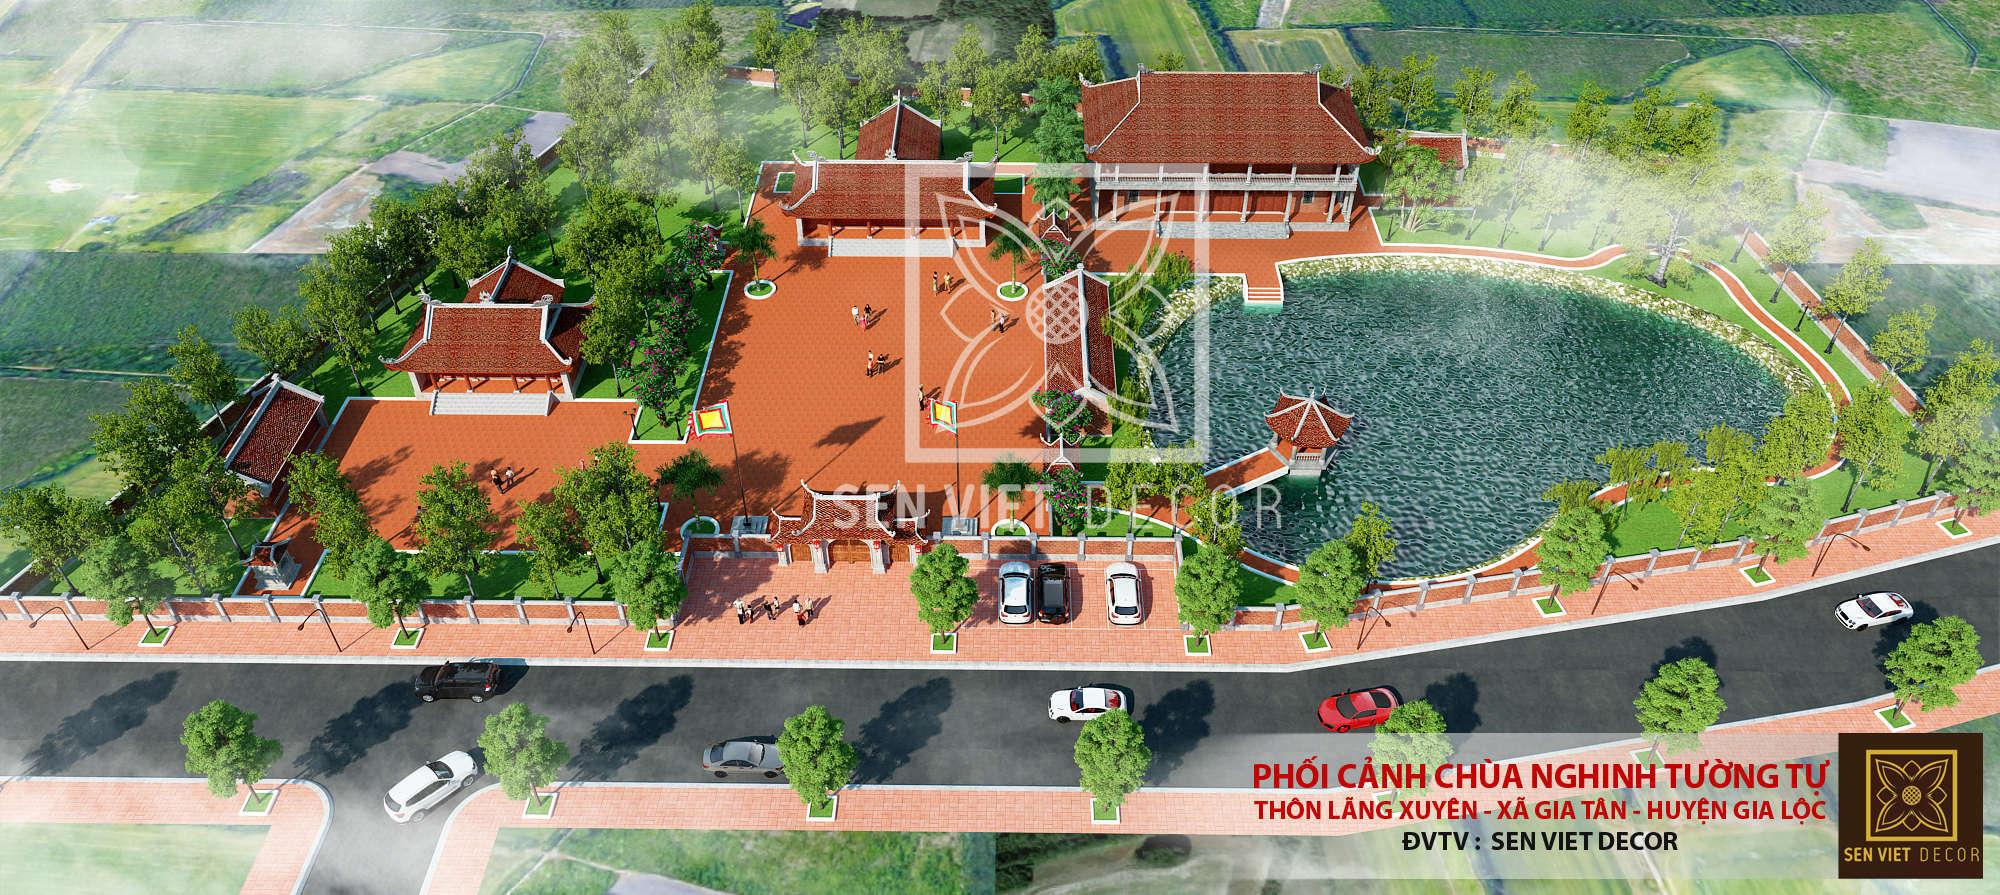 Phối cảnh công trình chùa nghinh tường tự thôn lãng xuyên xã gia tân huyện gia lộc